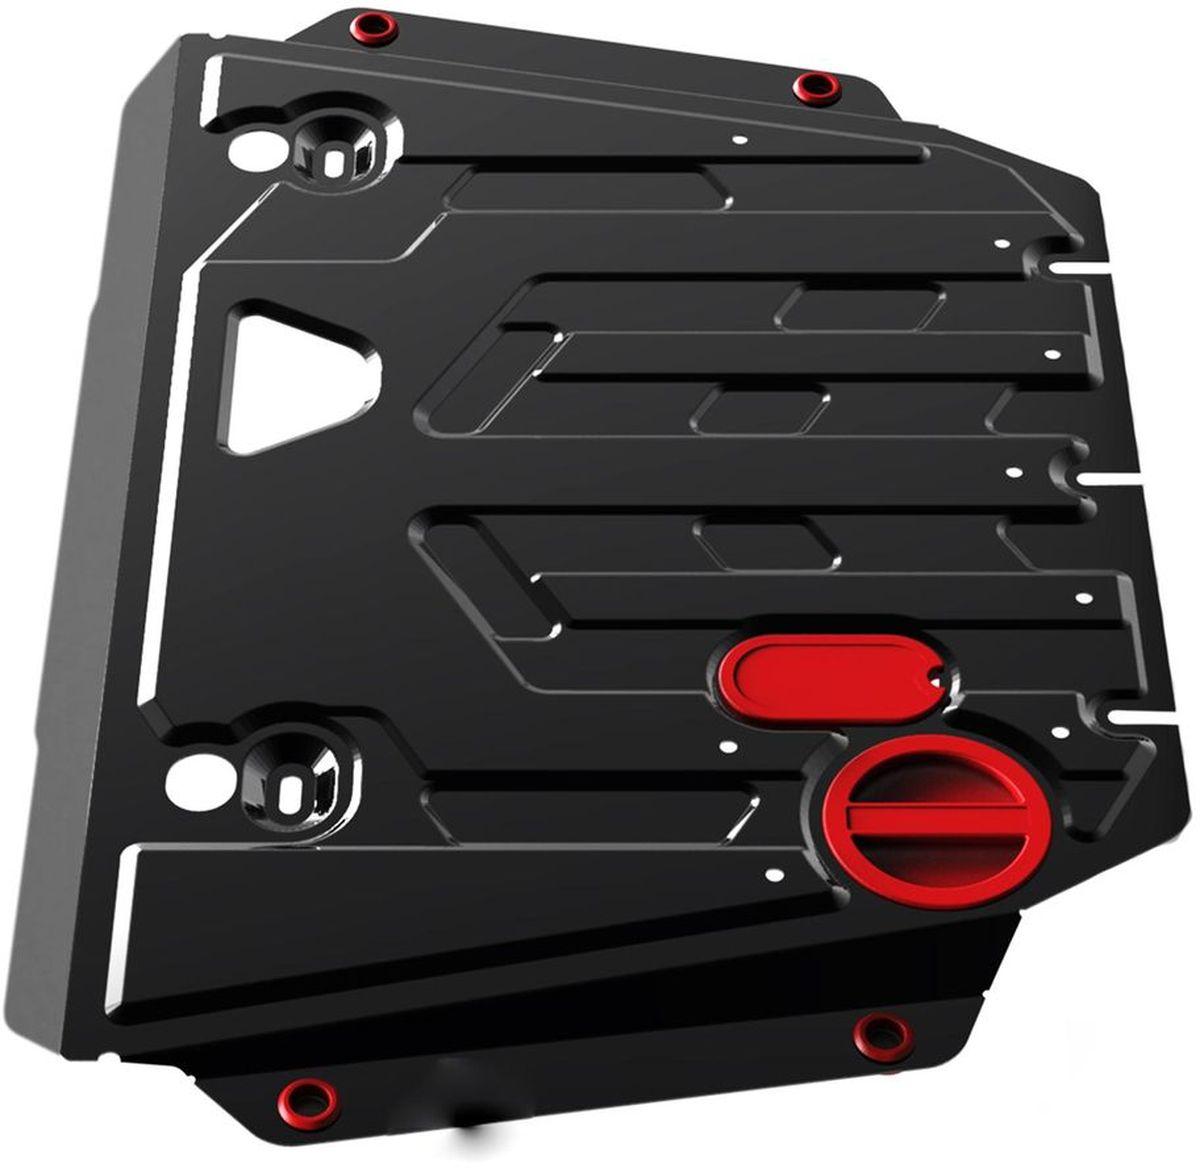 Защита картера и КПП Автоброня, для Kia Venga, V - 1,4;1,6 (2011-2015;2015-)111.02817.1Технологически совершенный продукт за невысокую стоимость. Защита разработана с учетом особенностей днища автомобиля, что позволяет сохранить дорожный просвет с минимальным изменением. Защита устанавливается в штатные места кузова автомобиля. Глубокий штамп обеспечивает до двух раз больше жесткости в сравнении с обычной защитой той же толщины. Проштампованные ребра жесткости препятствуют деформации защиты при ударах. Тепловой зазор и вентиляционные отверстия обеспечивают сохранение температурного режима двигателя в норме. Скрытый крепеж предотвращает срыв крепежных элементов при наезде на препятствие. Шумопоглощающие резиновые элементы обеспечивают комфортную езду без вибраций и скрежета металла, а съемные лючки для слива масла и замены фильтра - экономию средств и время. Конструкция изделия не влияет на пассивную безопасность автомобиля (при ударе защита не воздействует на деформационные зоны кузова). Со штатным крепежом. В комплекте инструкция по установке....